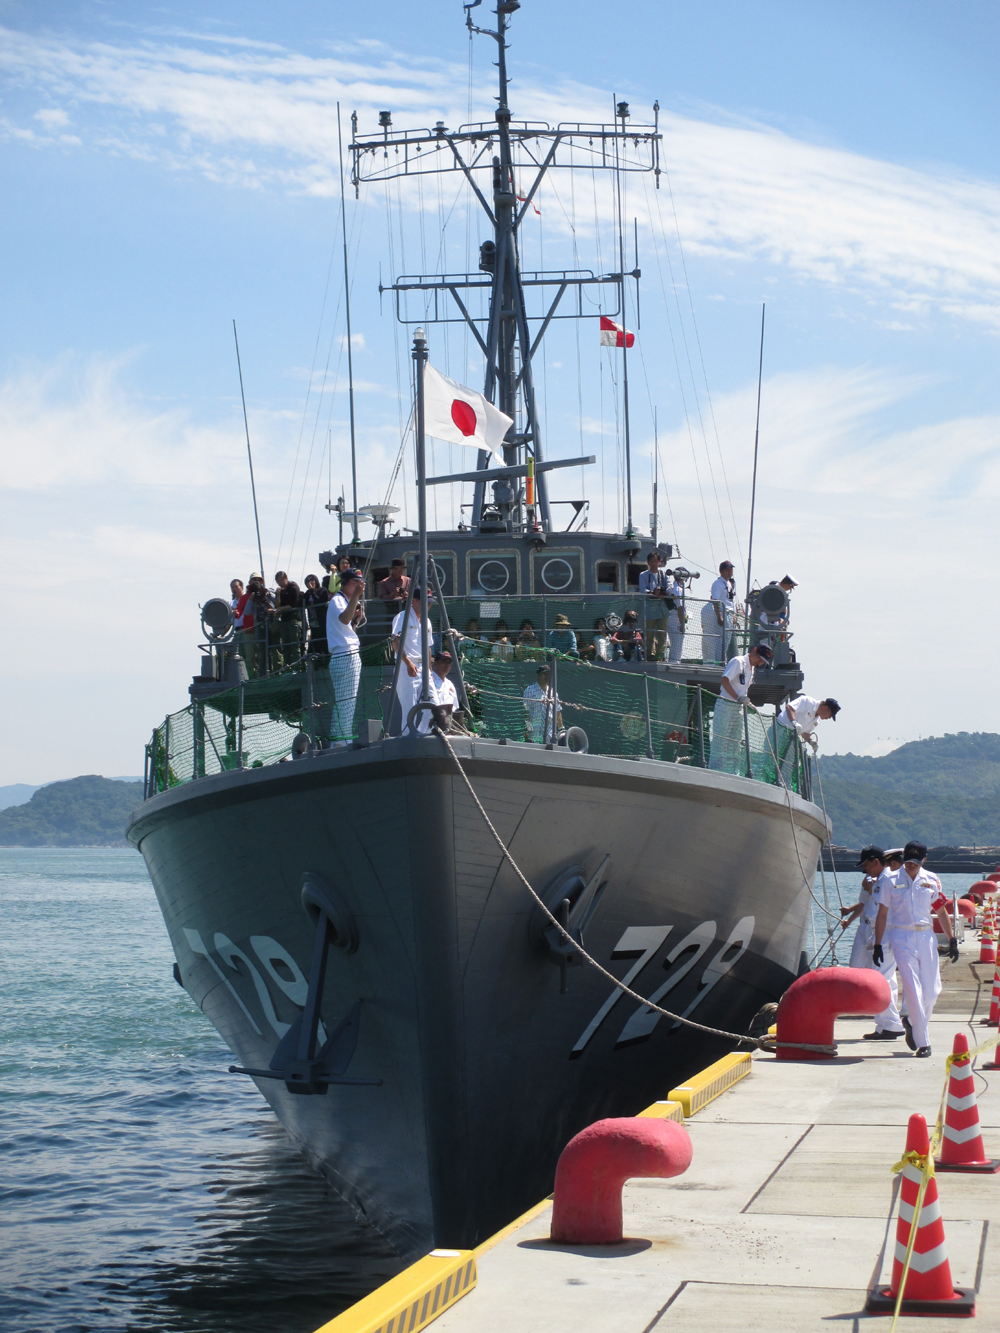 掃海管制艇くめじま 007-10